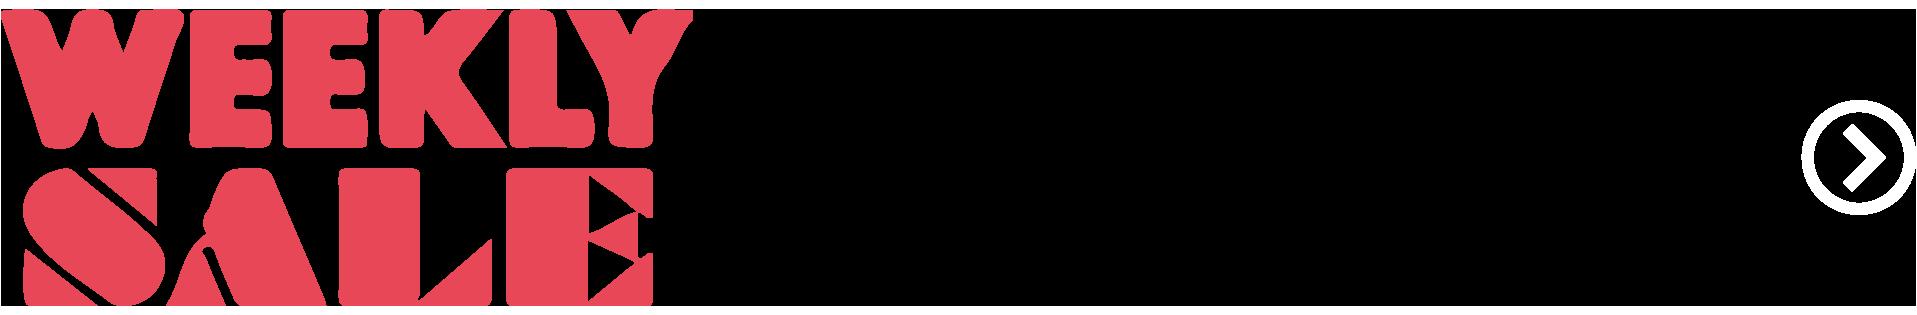 ウィークリーセール